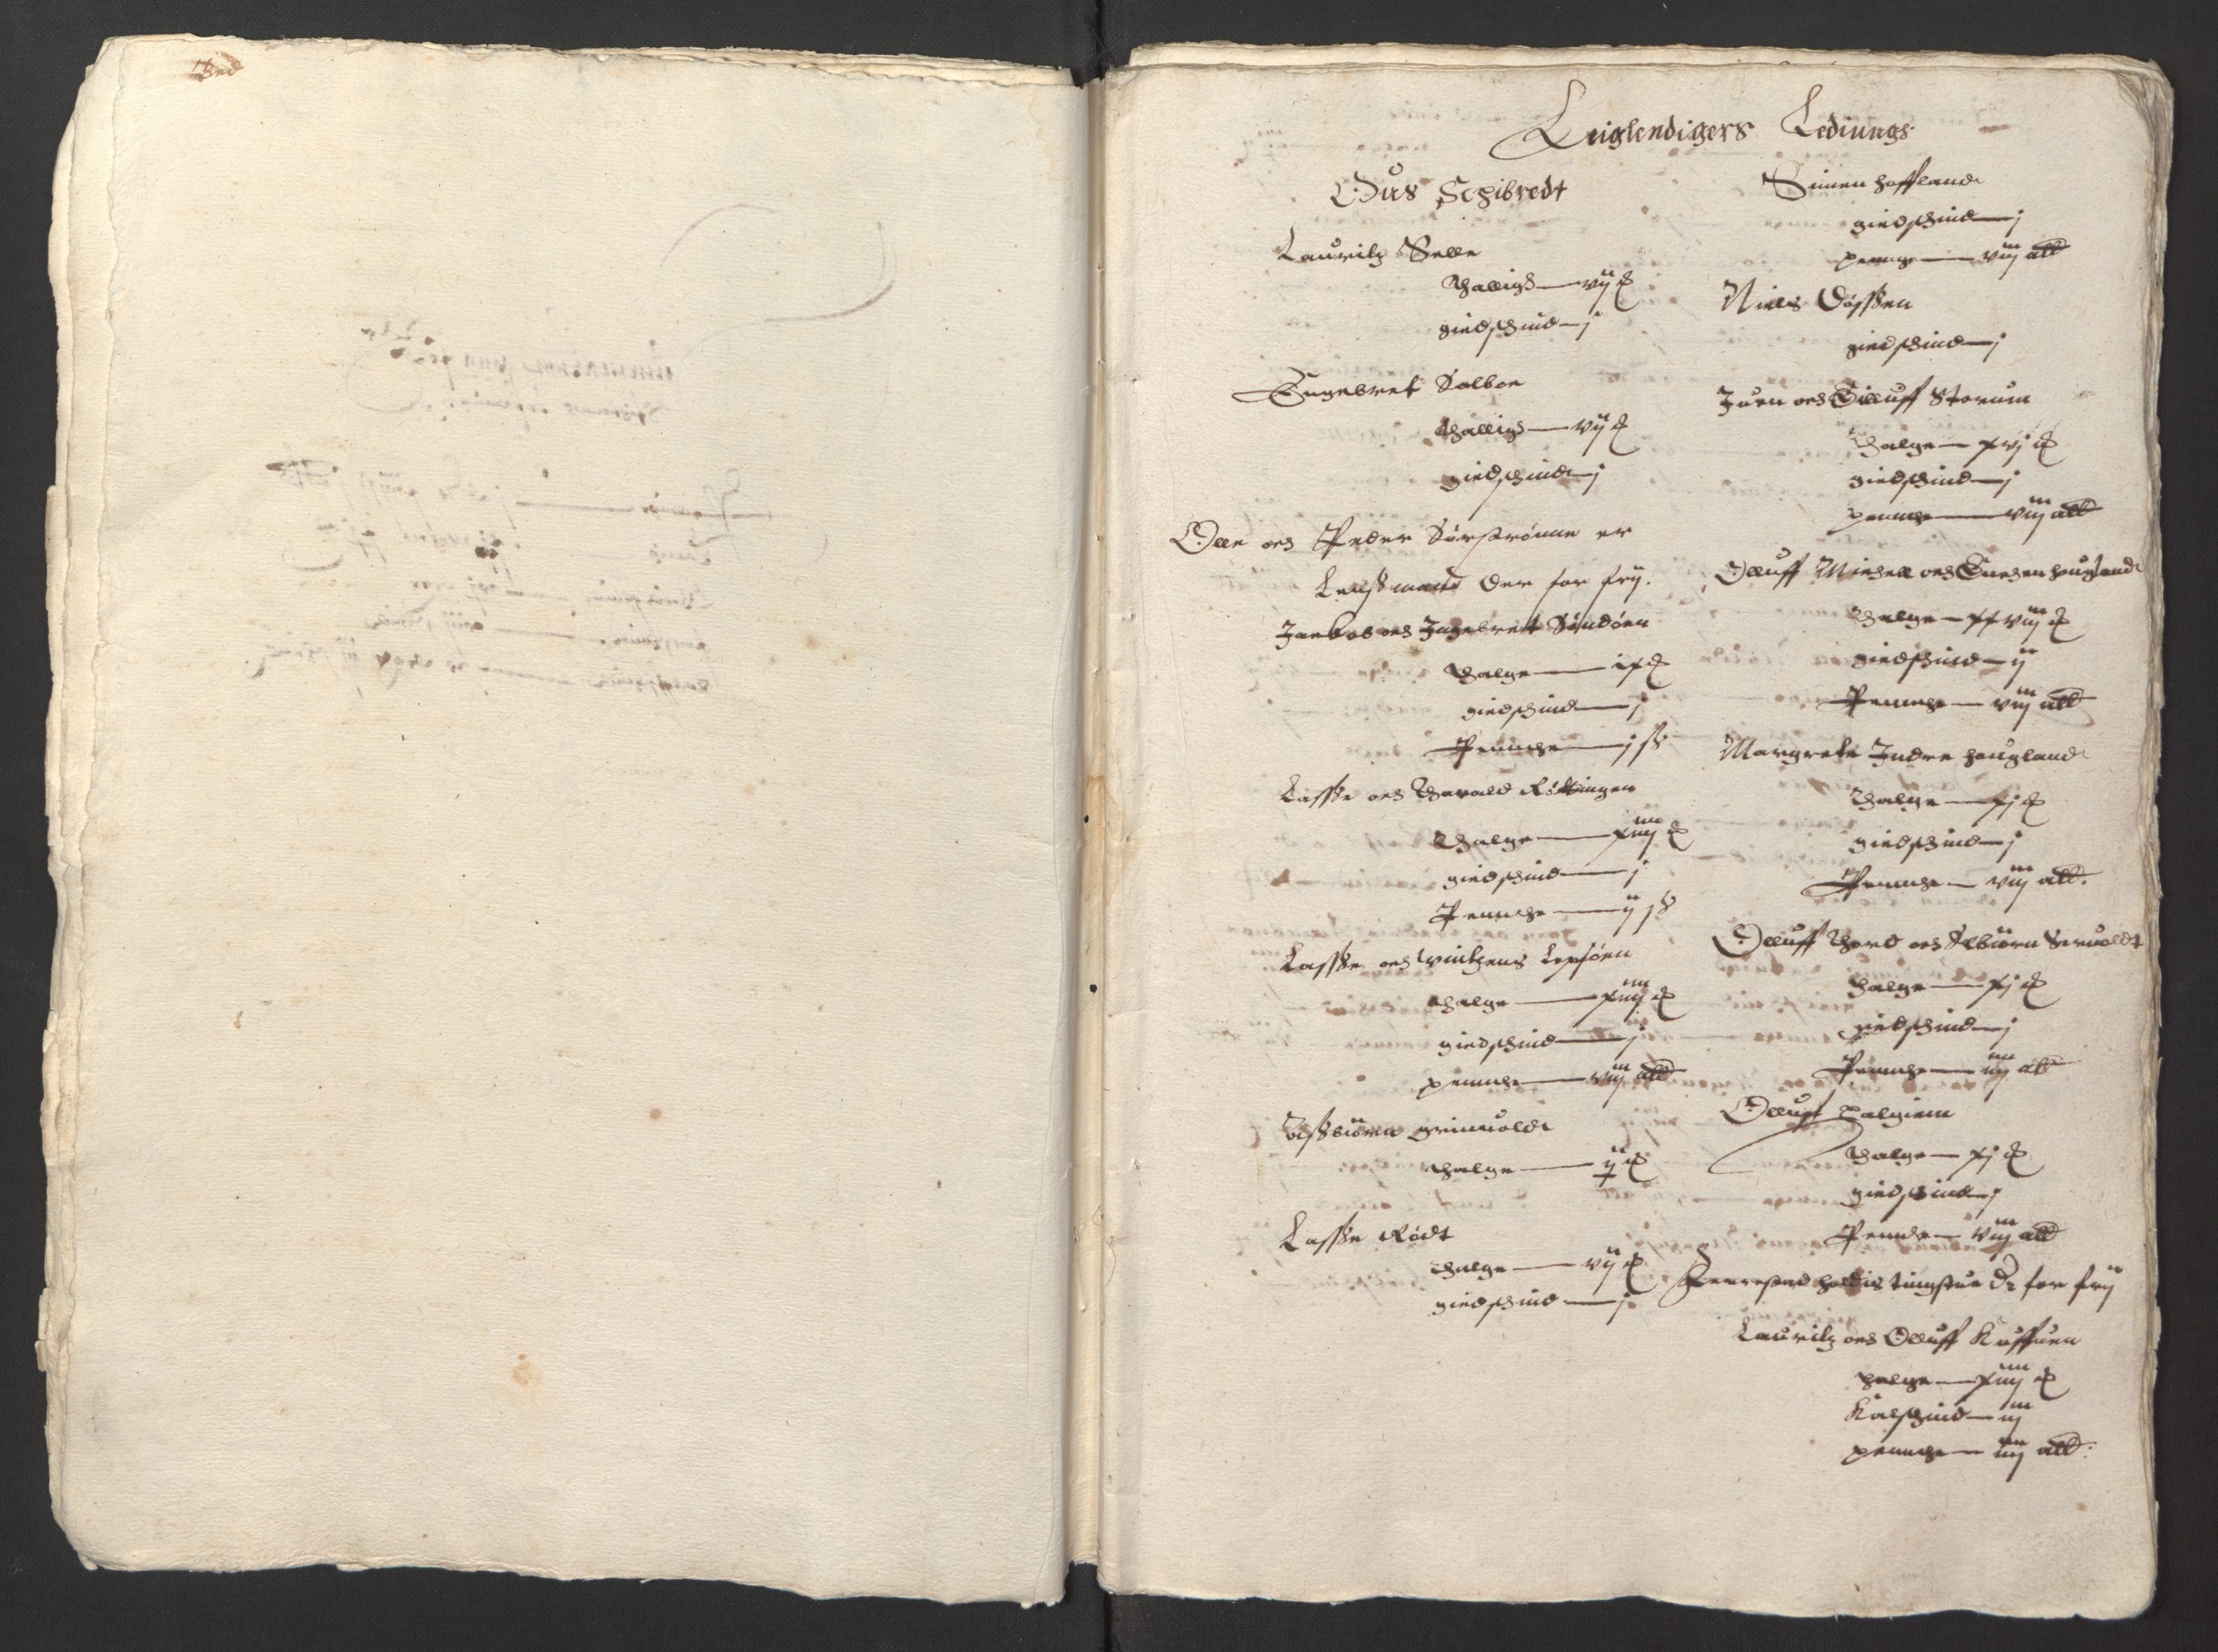 RA, Stattholderembetet 1572-1771, Ek/L0003: Jordebøker til utlikning av garnisonsskatt 1624-1626:, 1624-1625, s. 9